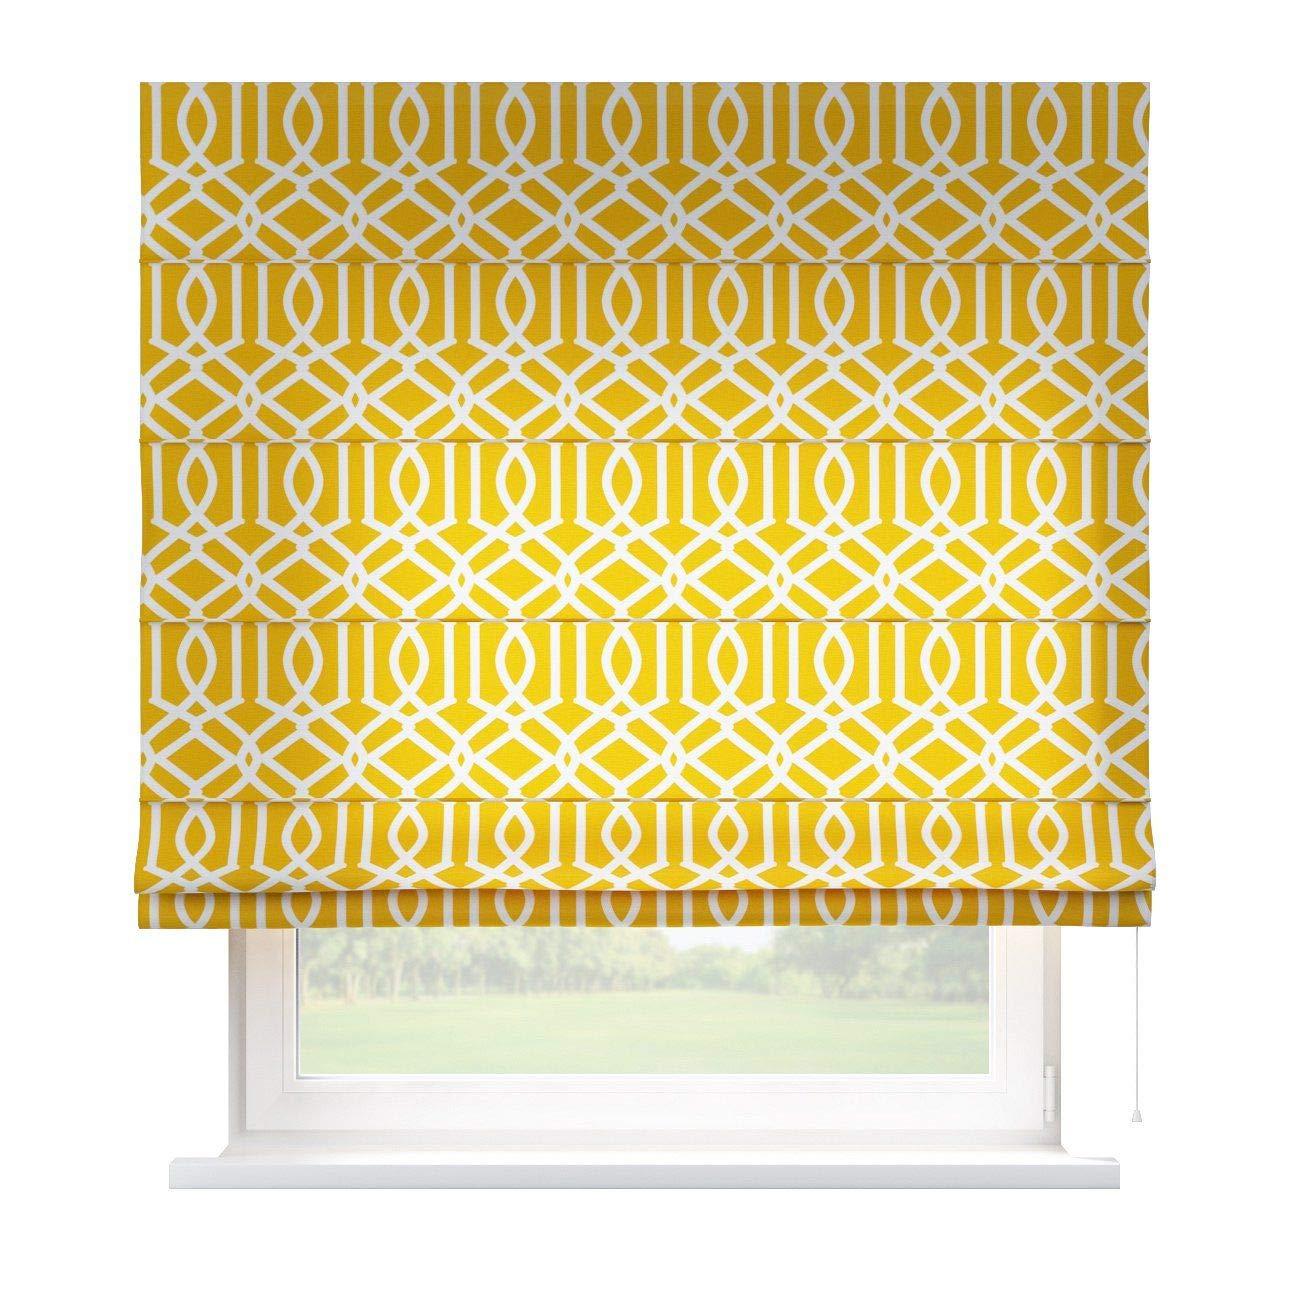 Dekoria Raffrollo Capri ohne Bohren Blickdicht Faltvorhang Raffgardine Wohnzimmer Schlafzimmer Kinderzimmer 160 × 170 cm gelb Raffrollos auf Maß maßanfertigung möglich